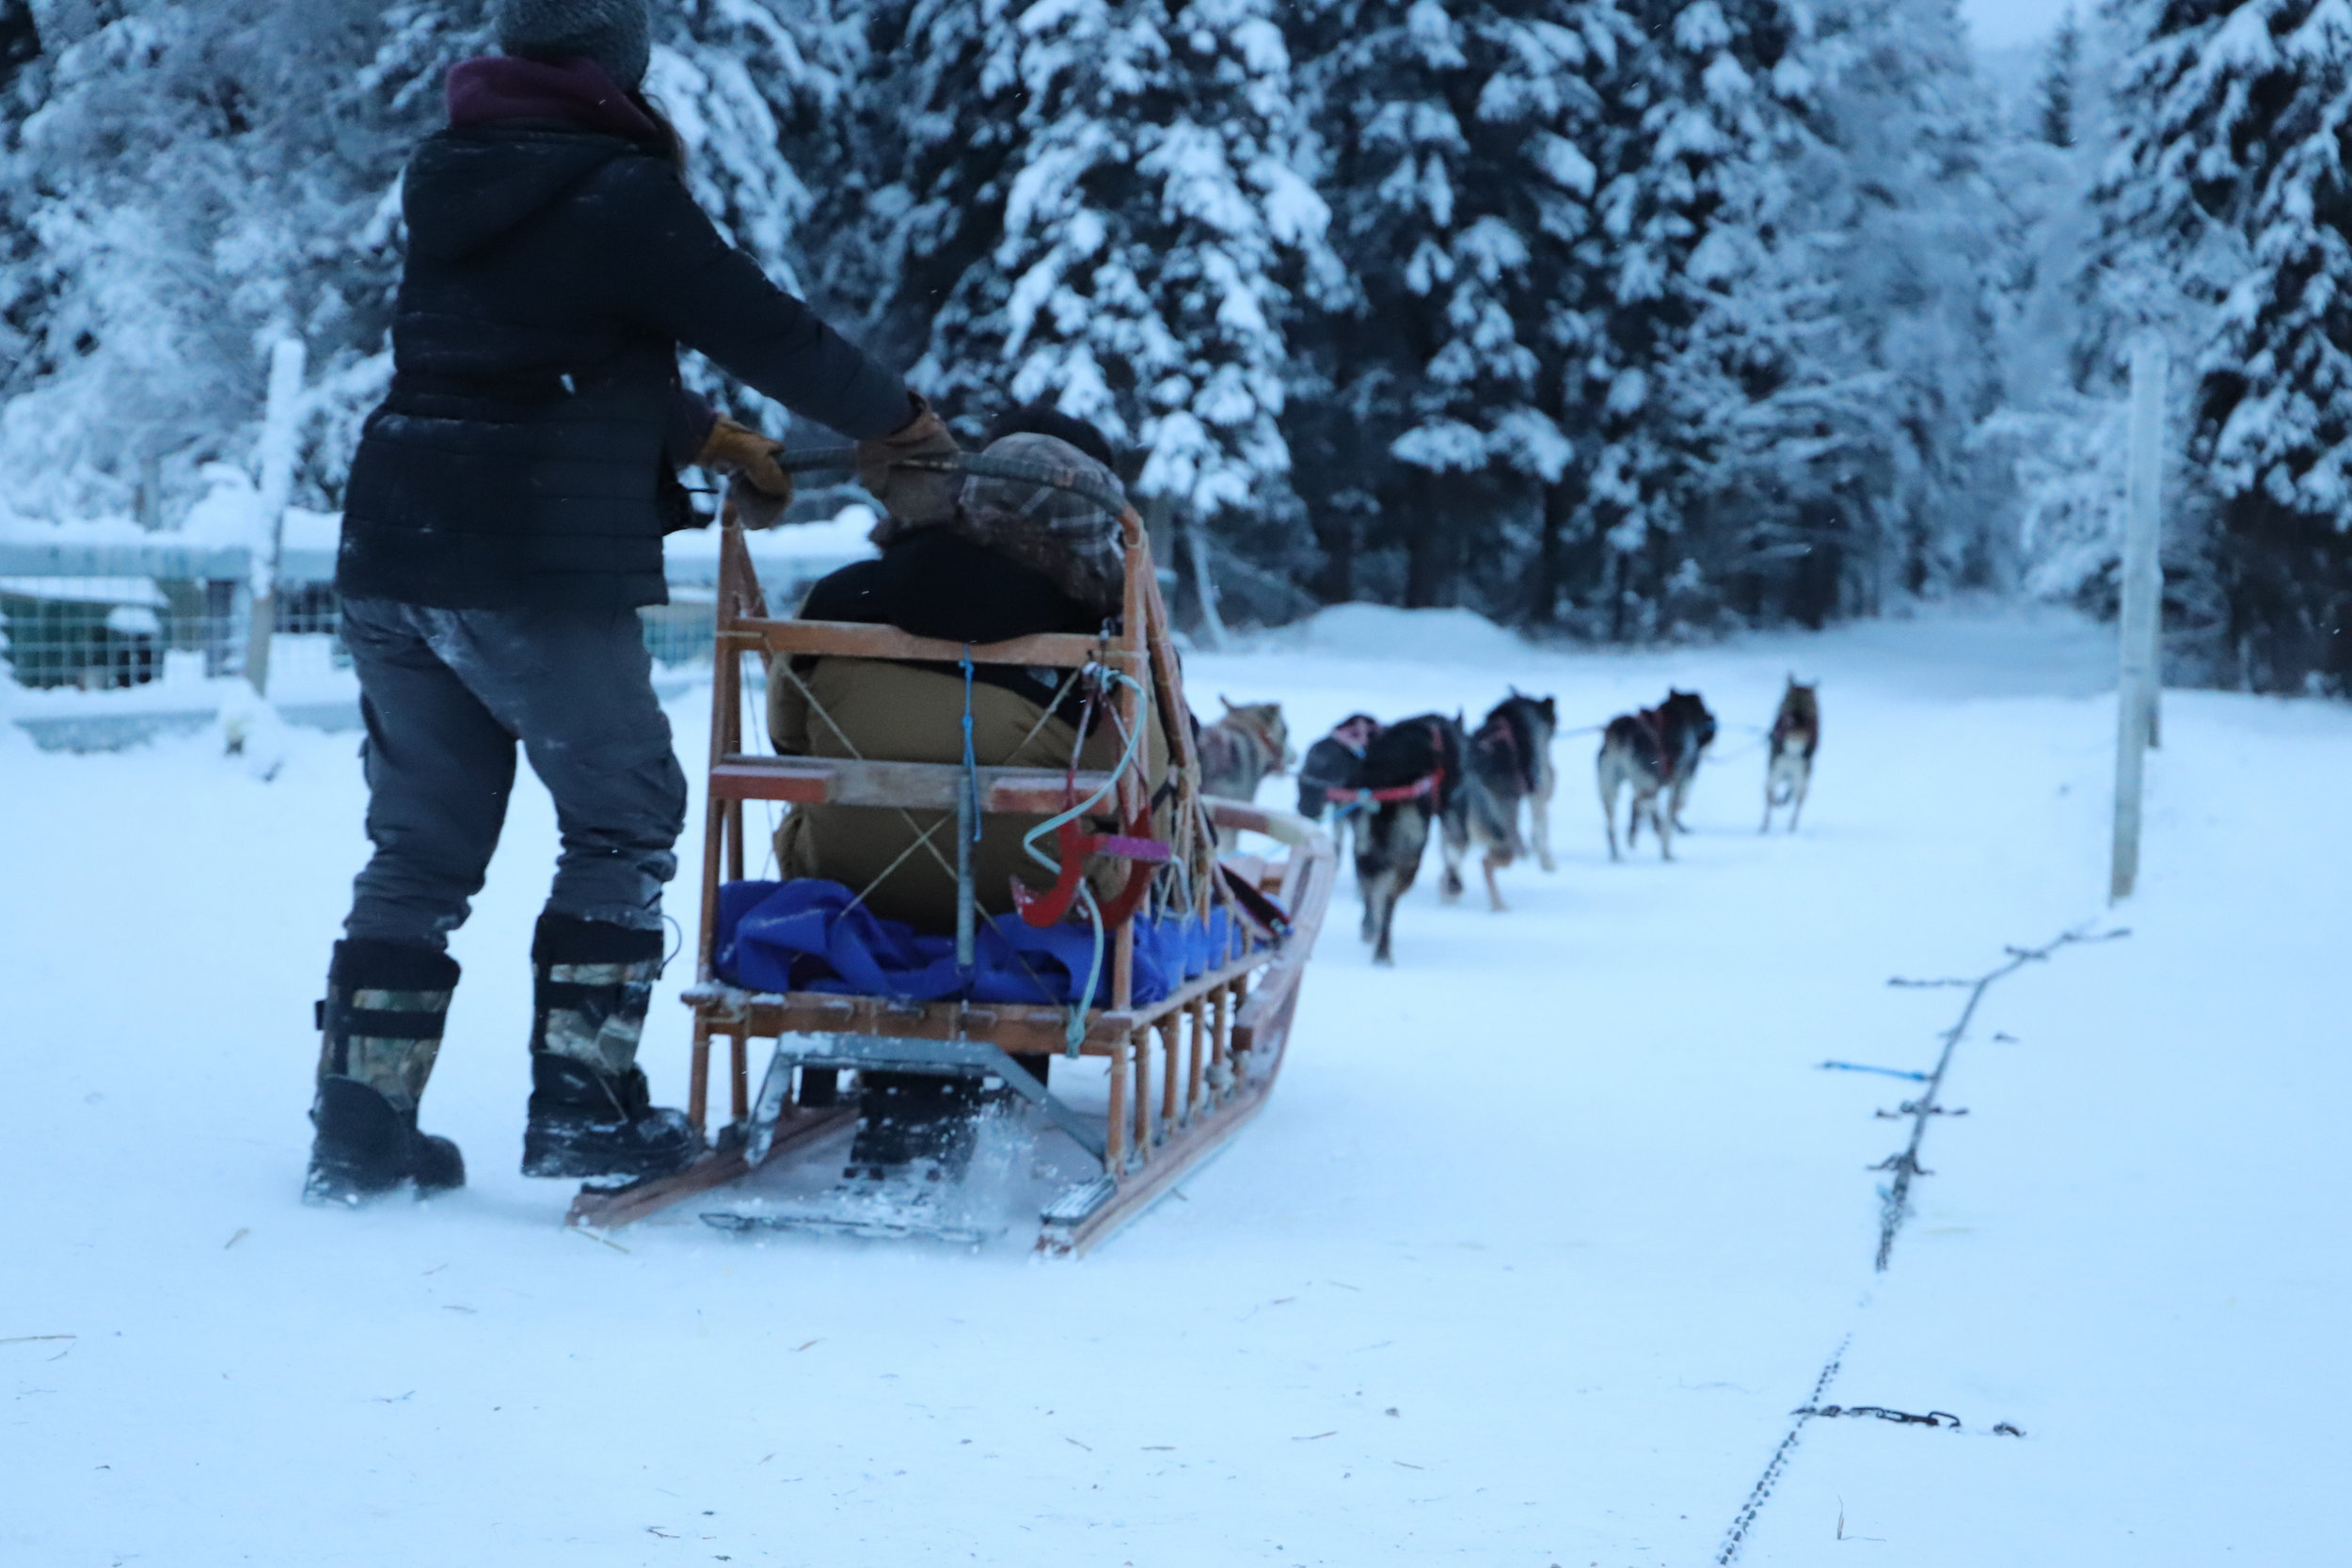 狗拉雪橇 - $60 /每人最少2 人方可成行*12 岁及以下须有付费成人陪同方可成行